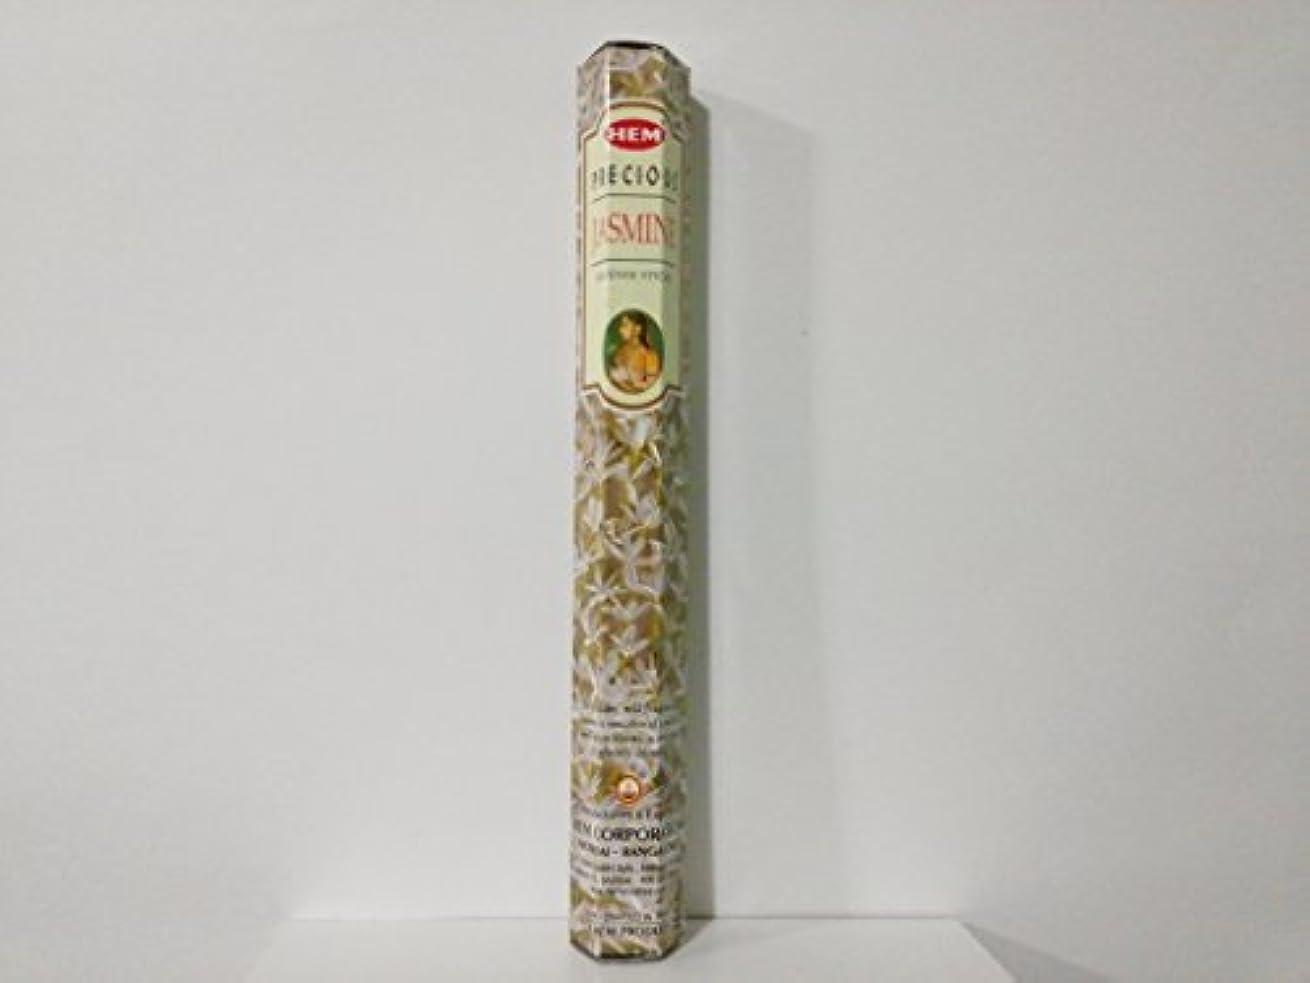 ささやきハーフ歪める1 x Hem Precious Jasmine Incense Sticks 120 Ct